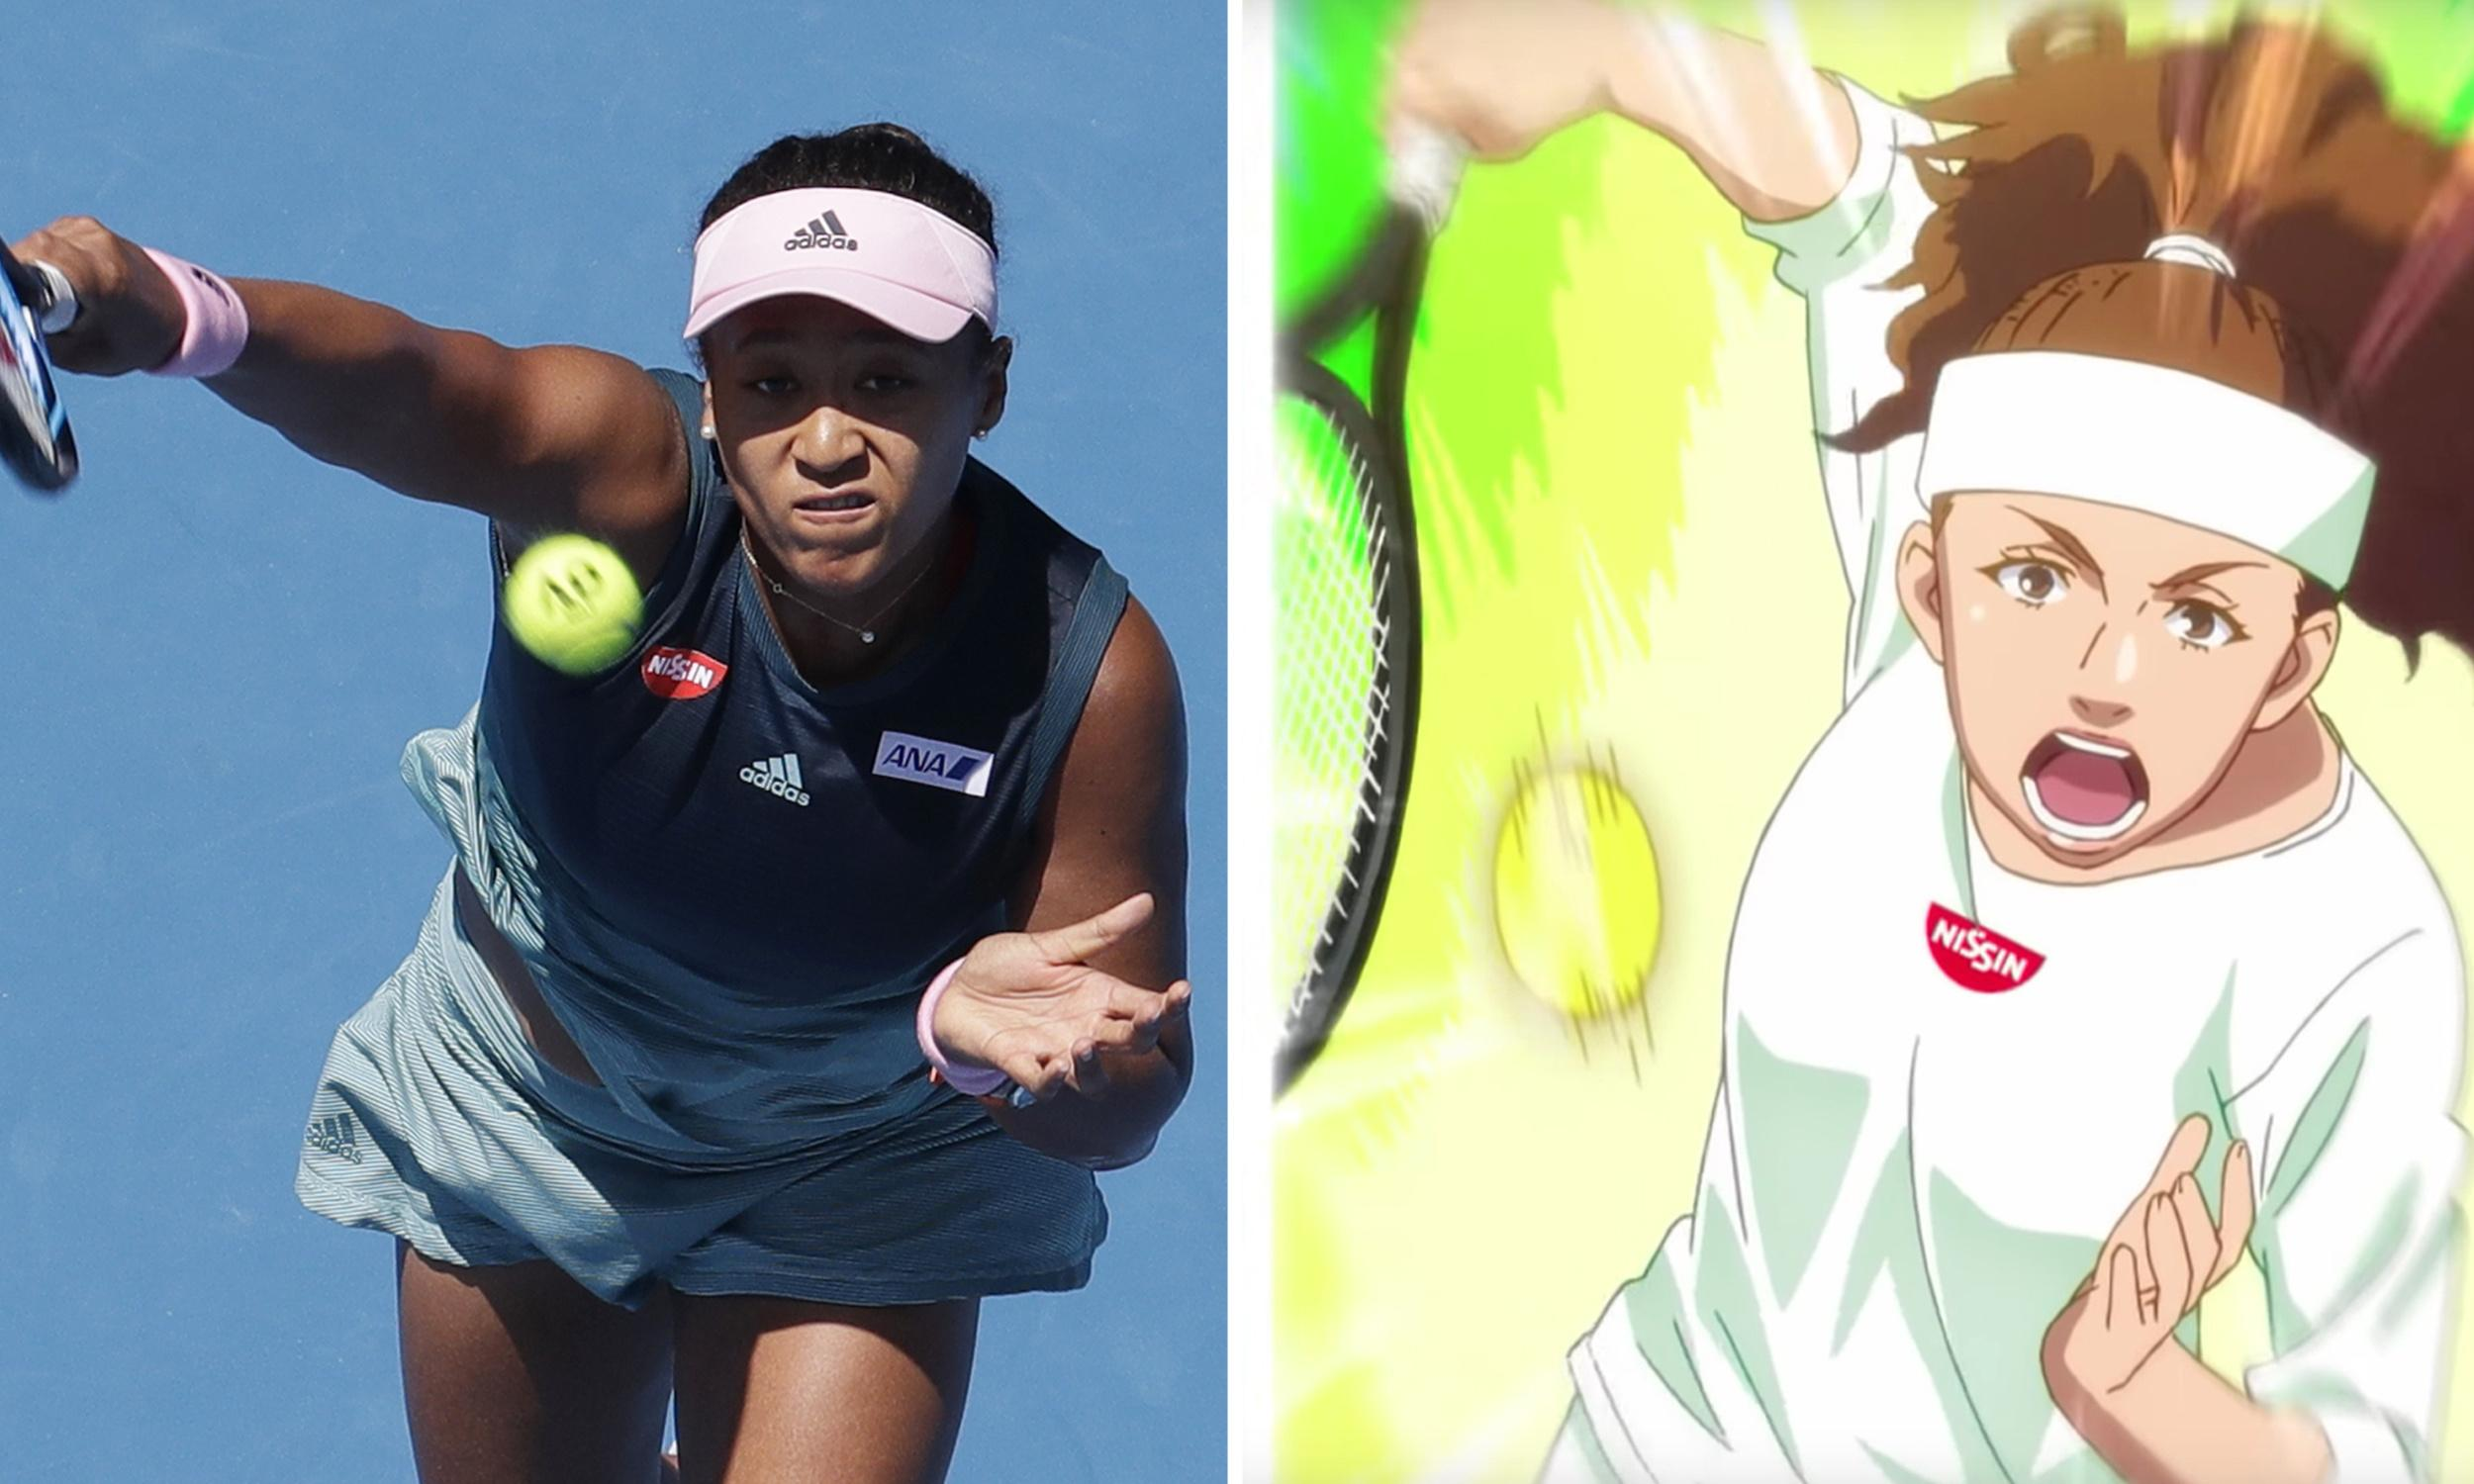 Naomi Osaka sponsor apologises for 'whitewashing' tennis star in ad